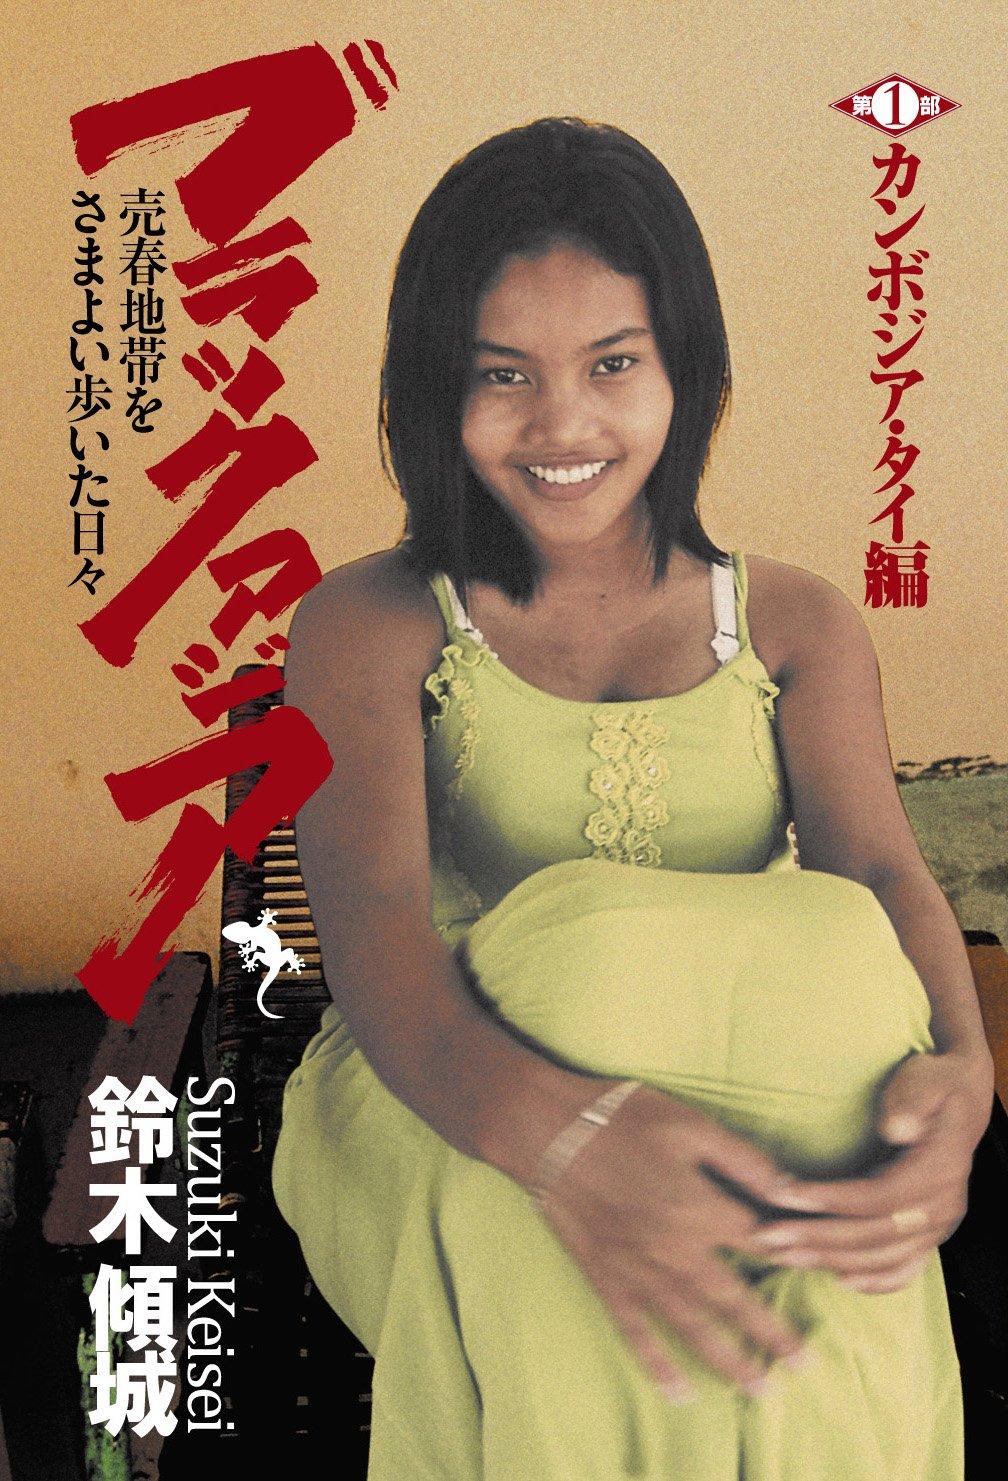 カンボジア 少女売春 CNN.co.jp : 母親が娘を売る――カンボジア児童売春の実態 - (1/4)